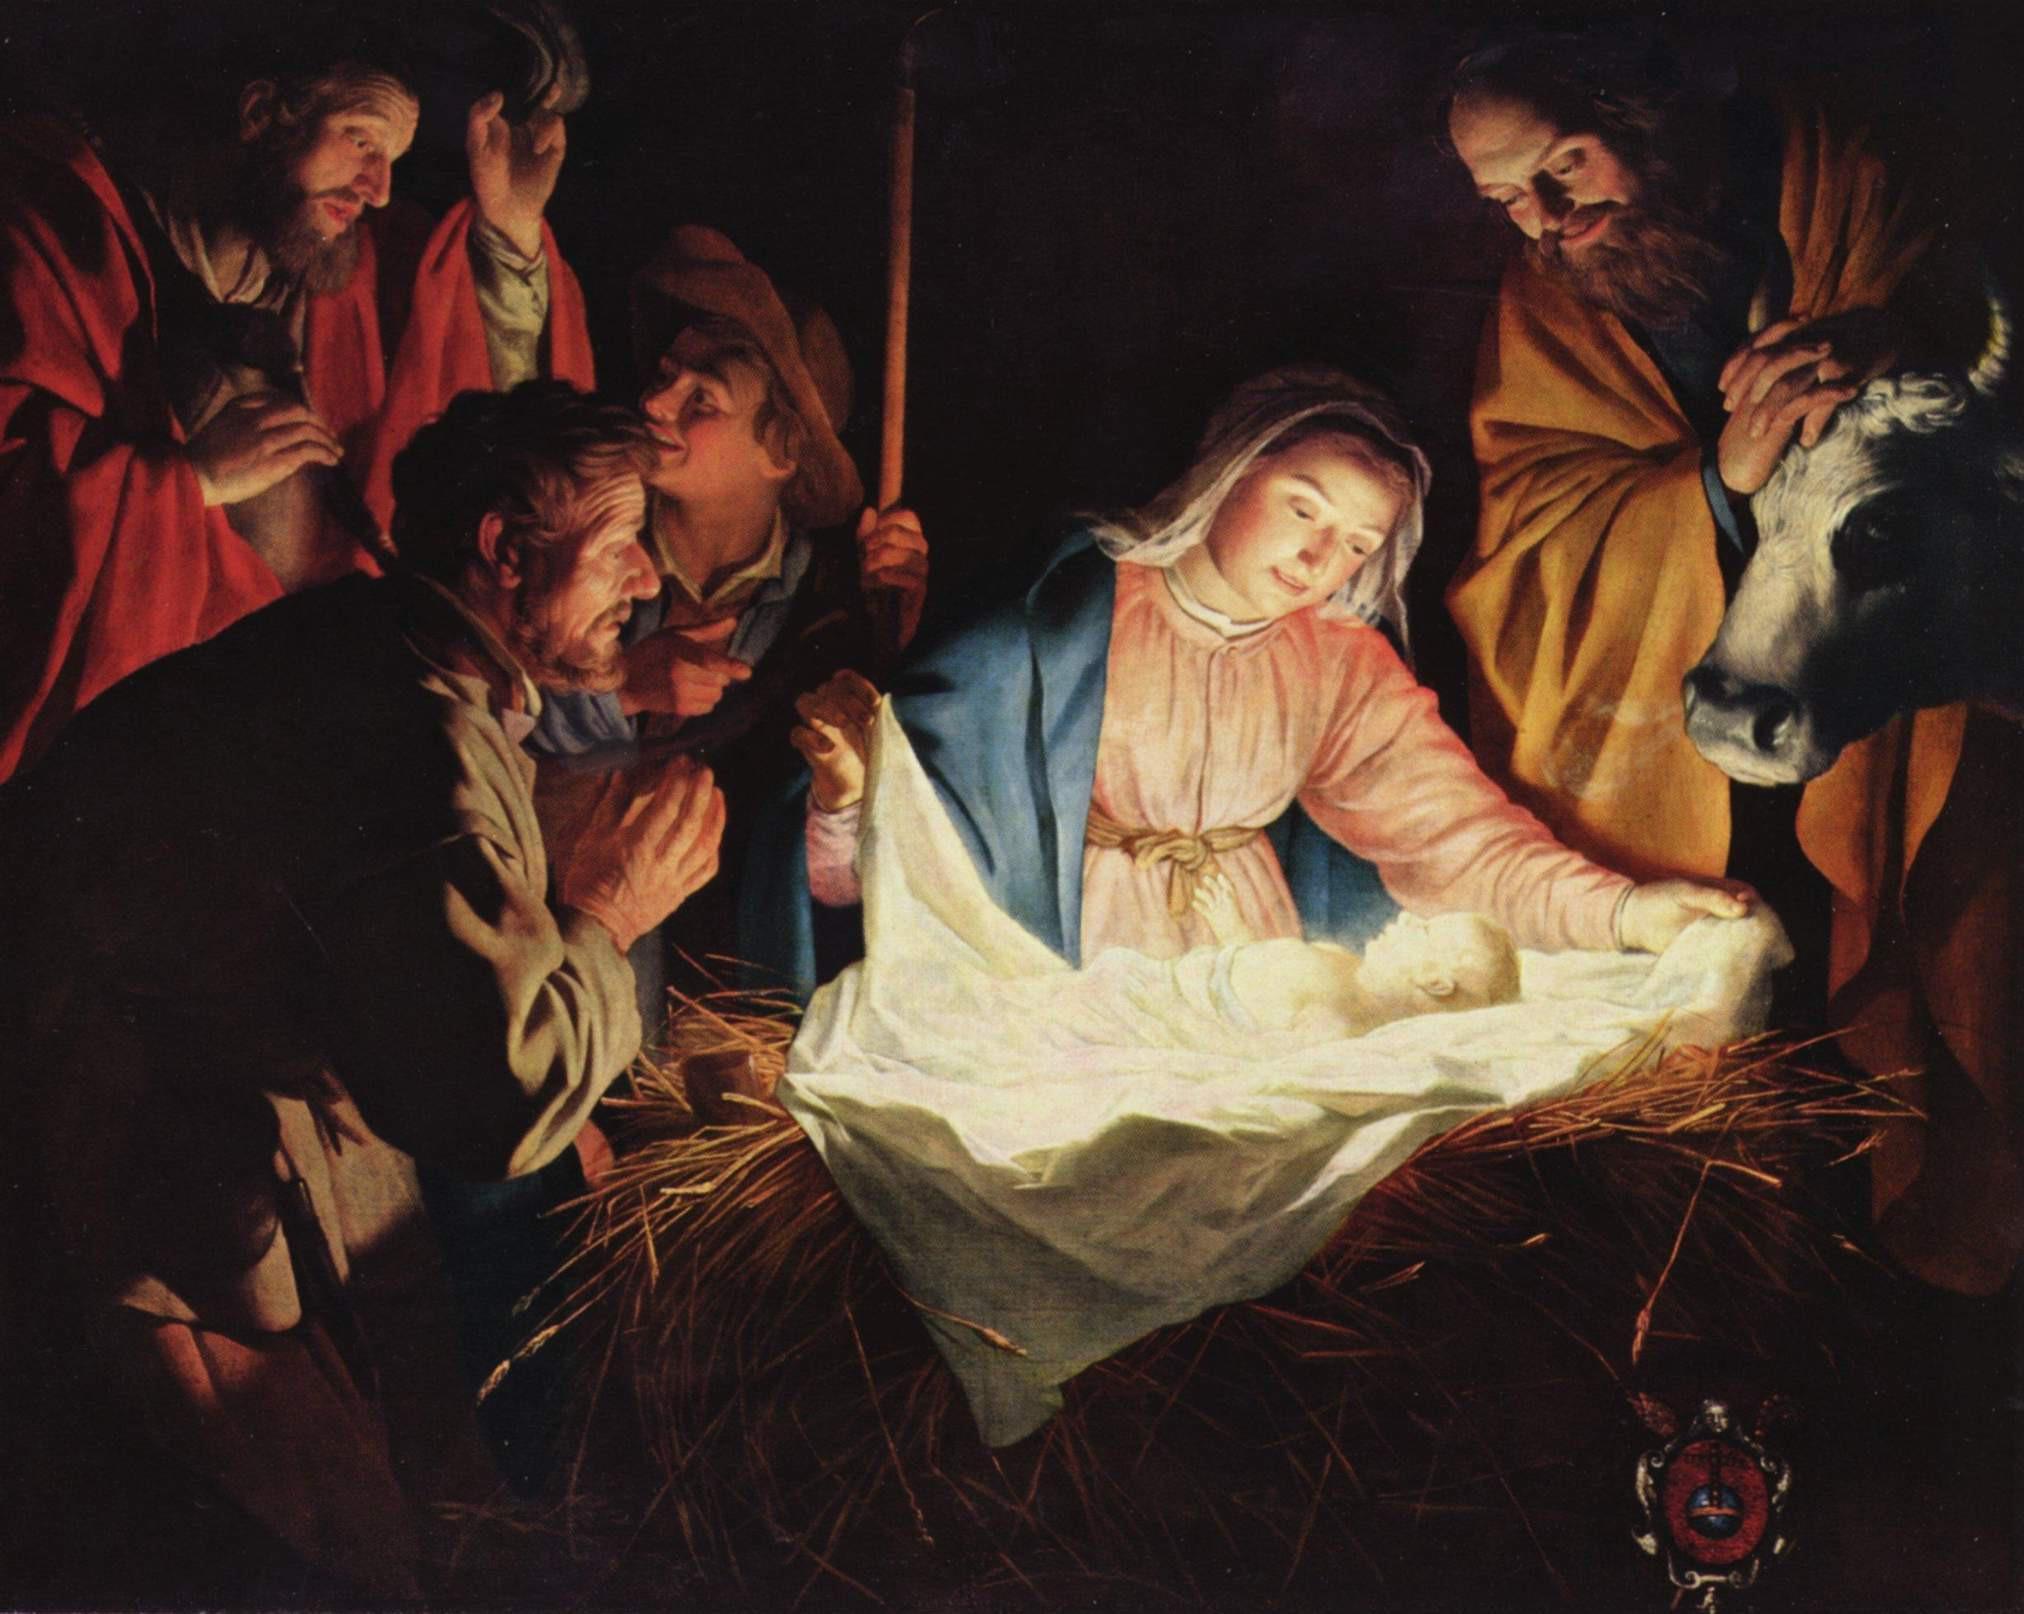 Baskų krašto mokyklose iš kalėdinių giesmių pašalintas Jėzaus vardas